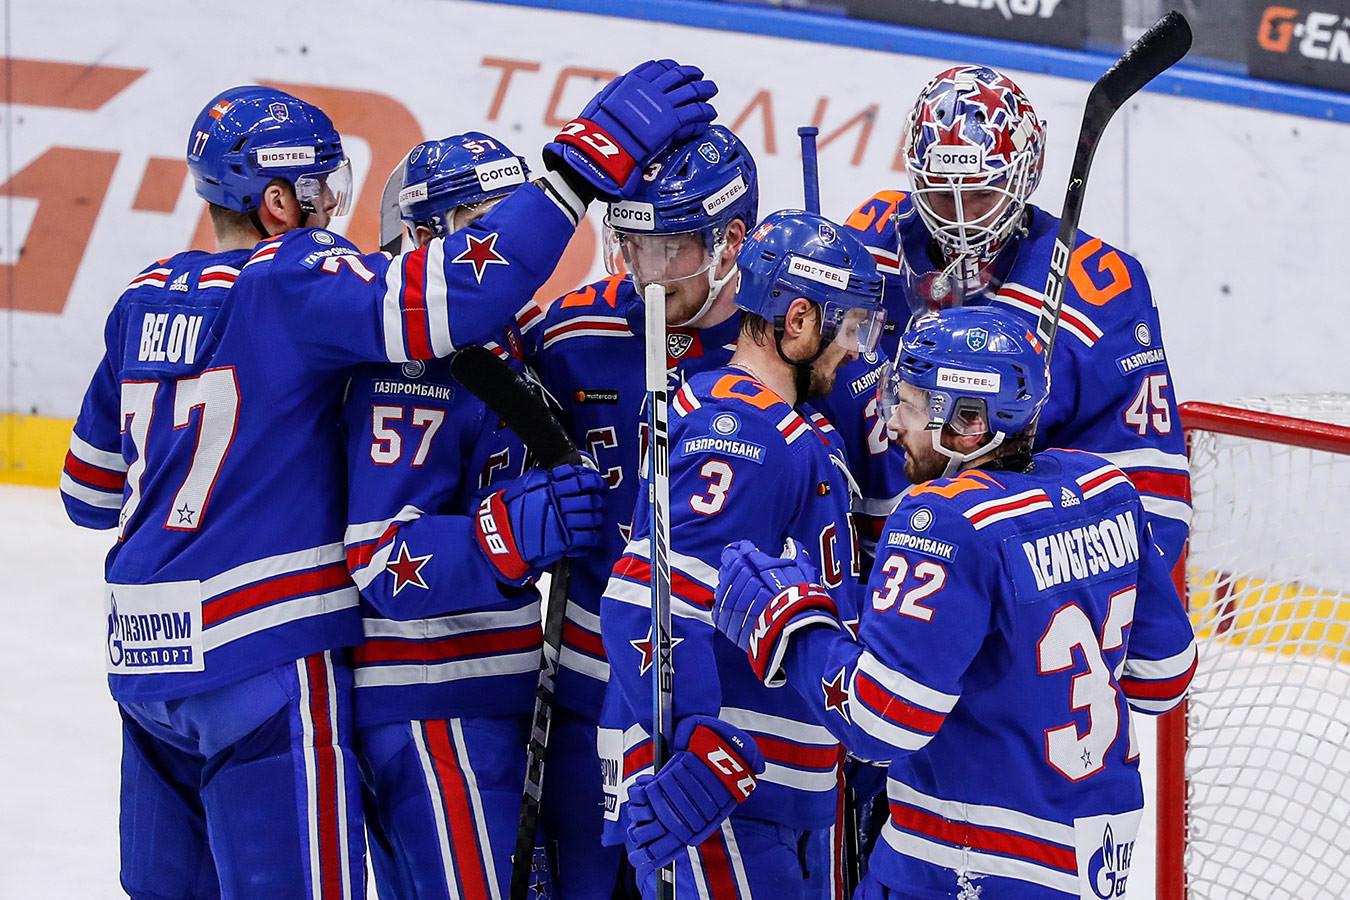 Динамо москва хоккейный клуб кричалка северное бутово ночные клубы